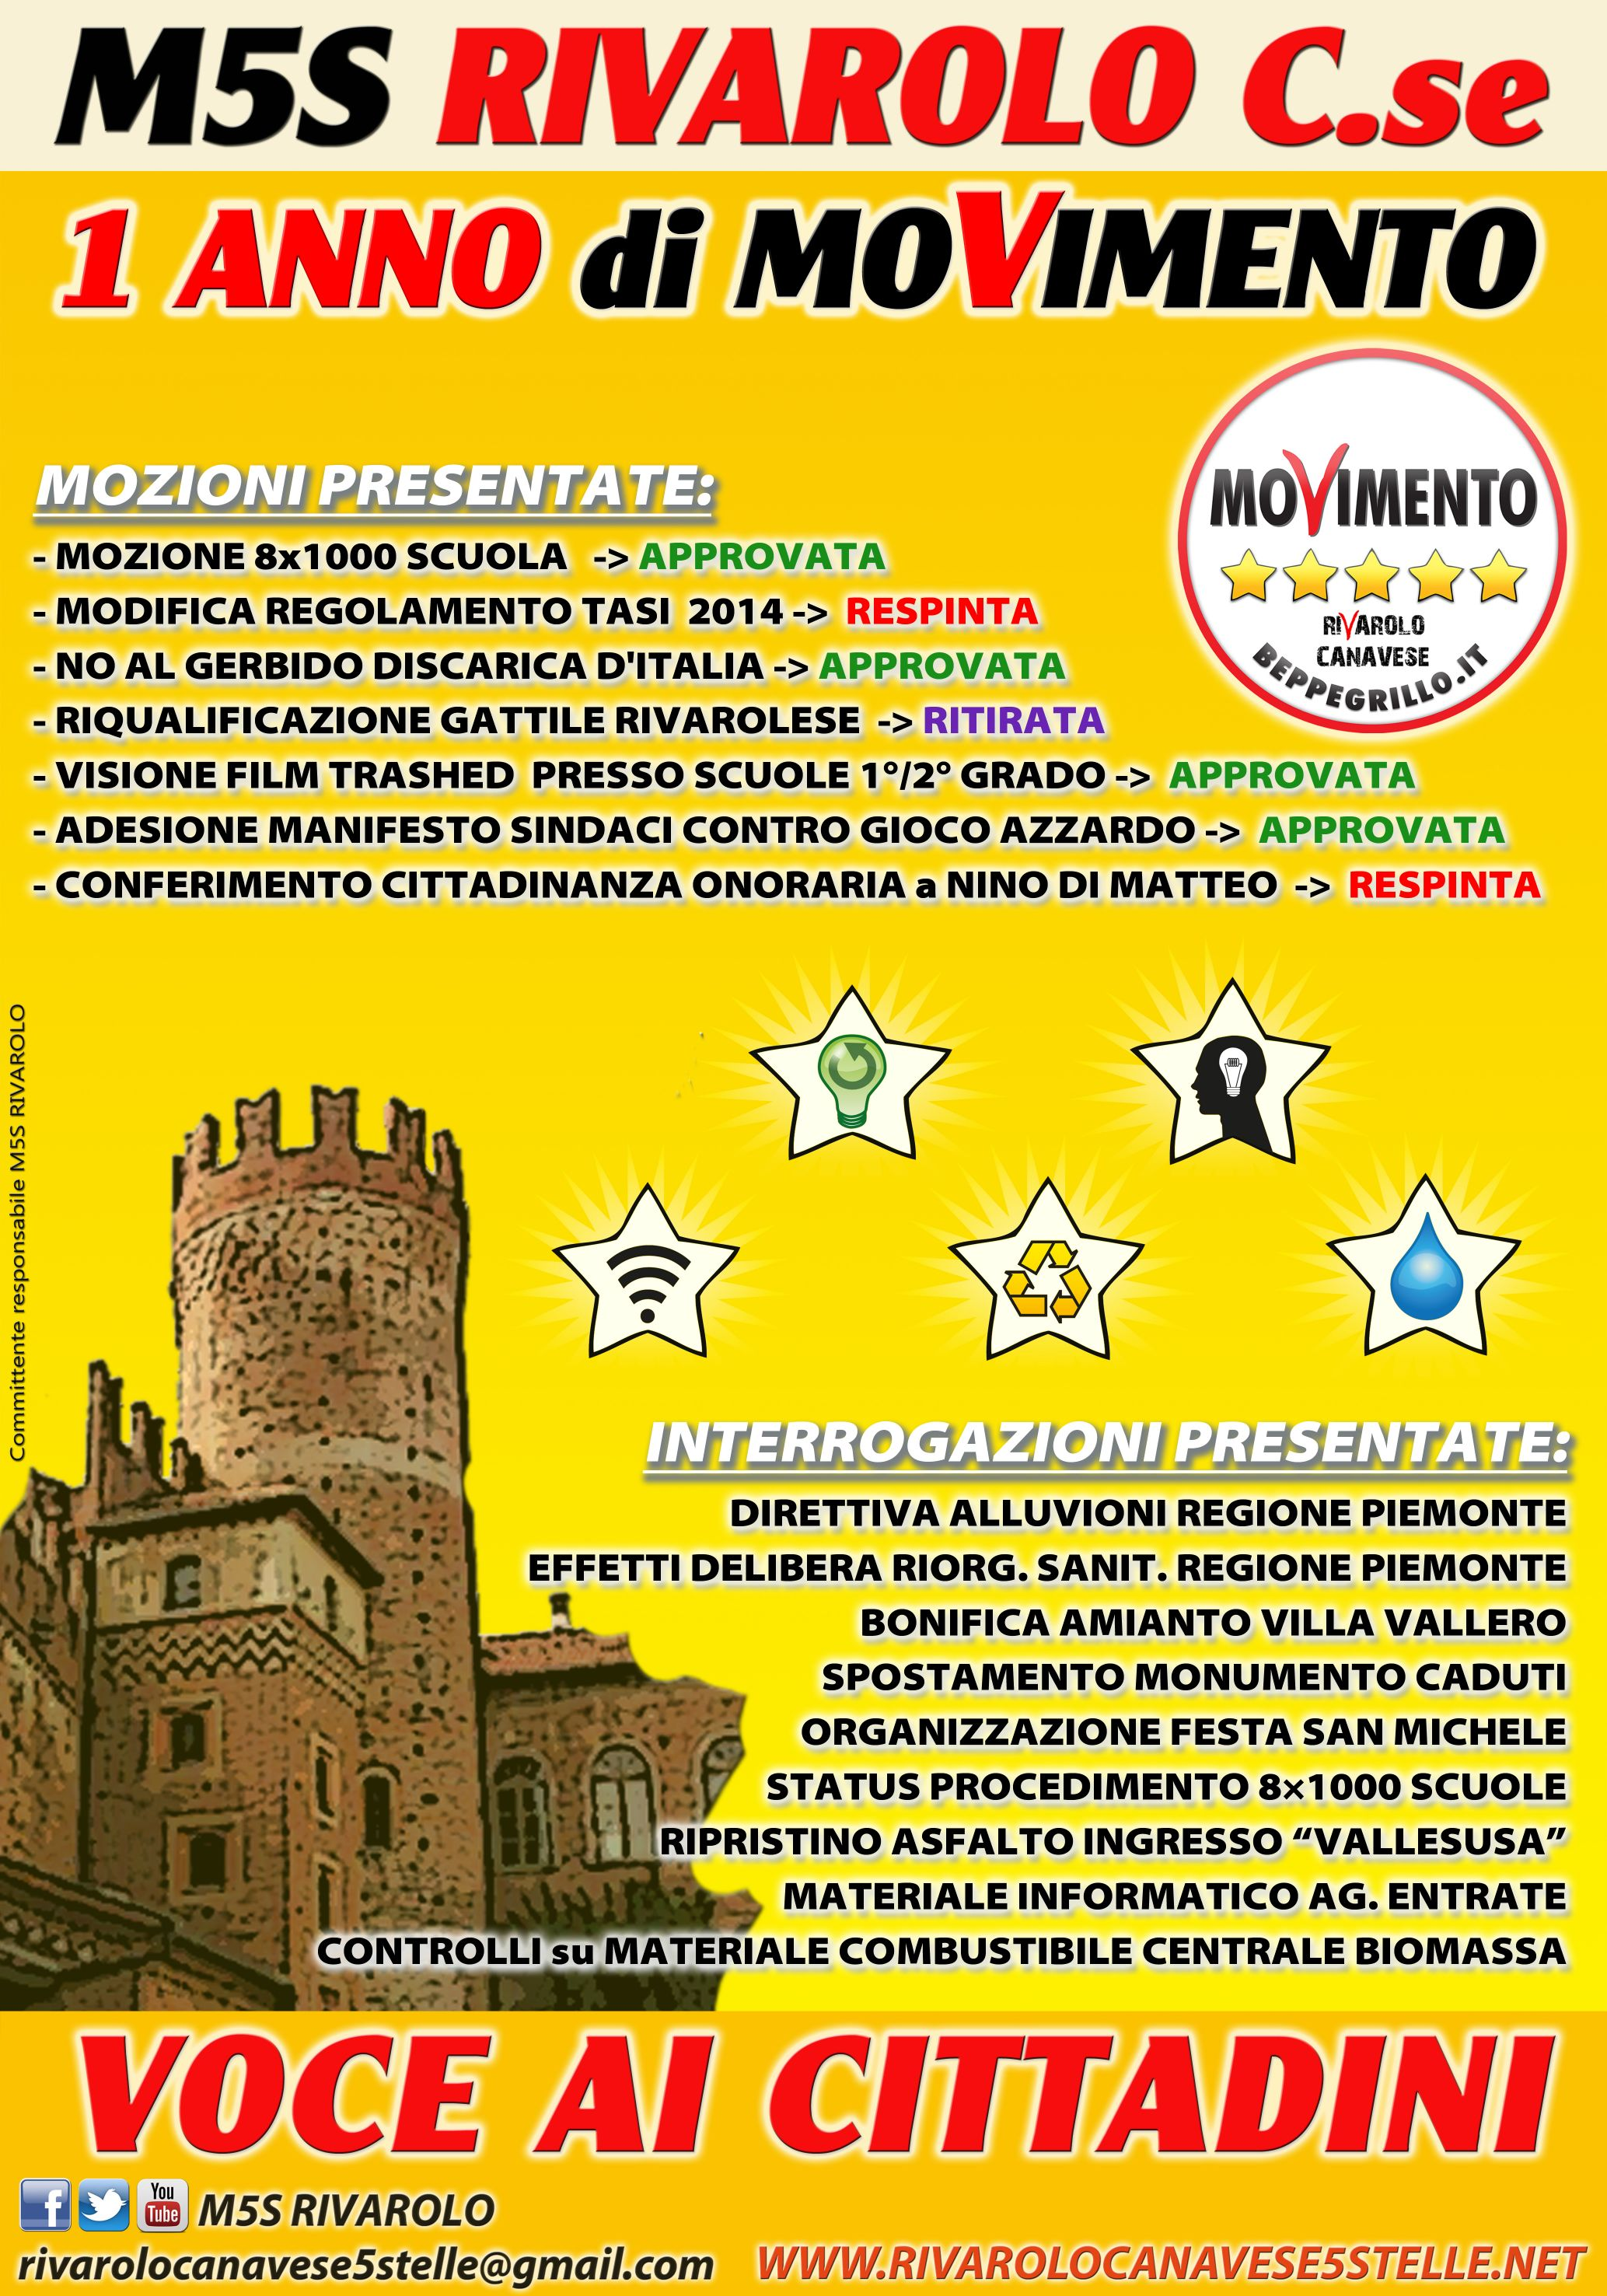 Rivarolo canavese 5 stelle blog di riferimento del for Numero parlamentari 5 stelle